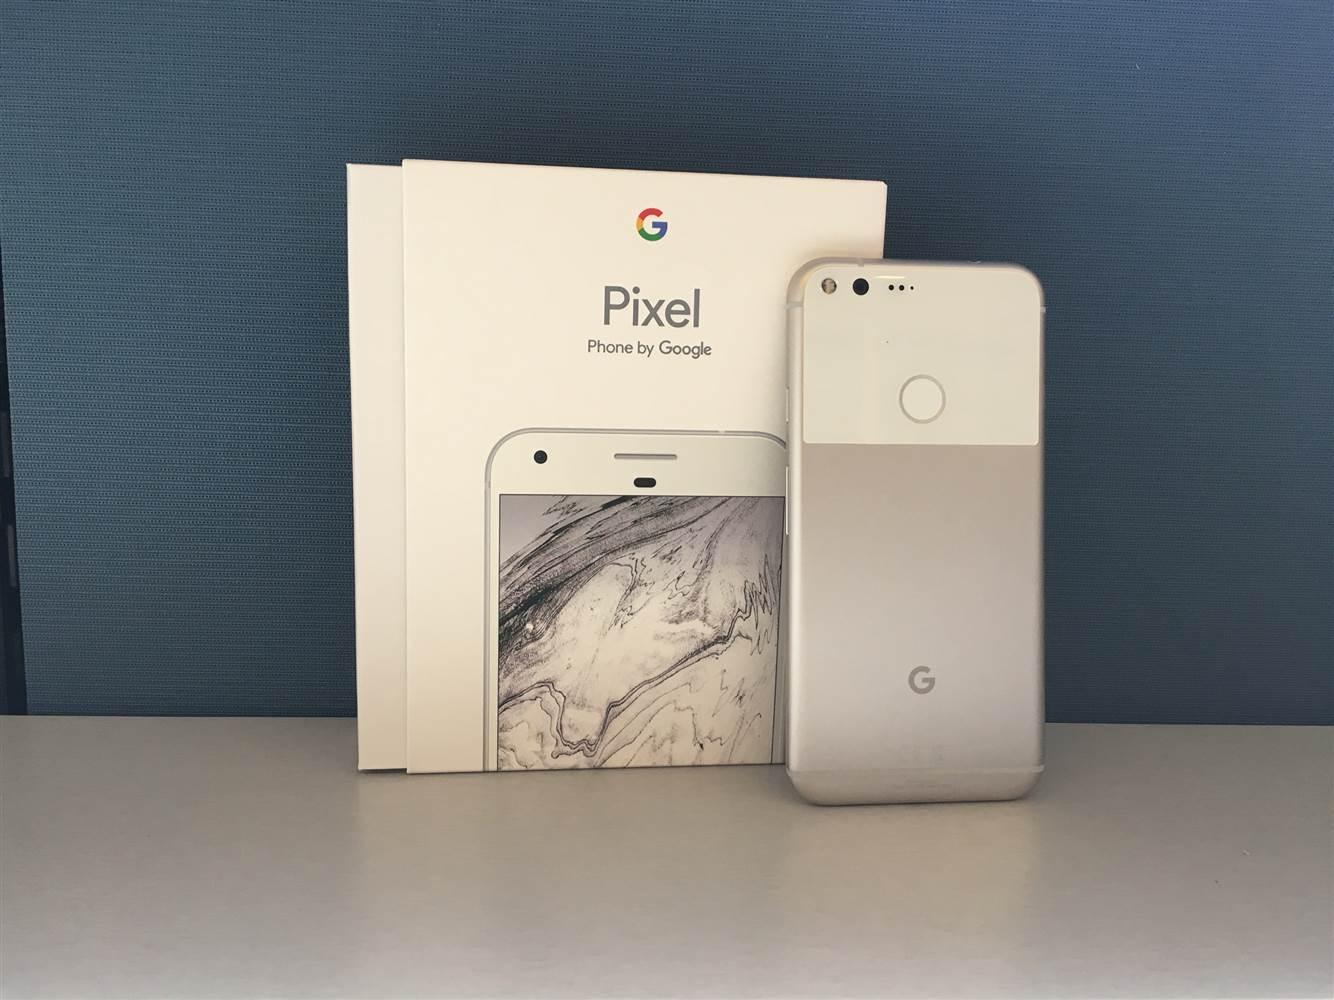 تعهد ۲ ساله گوگل برای ارایه به روزرسانی پیکسل